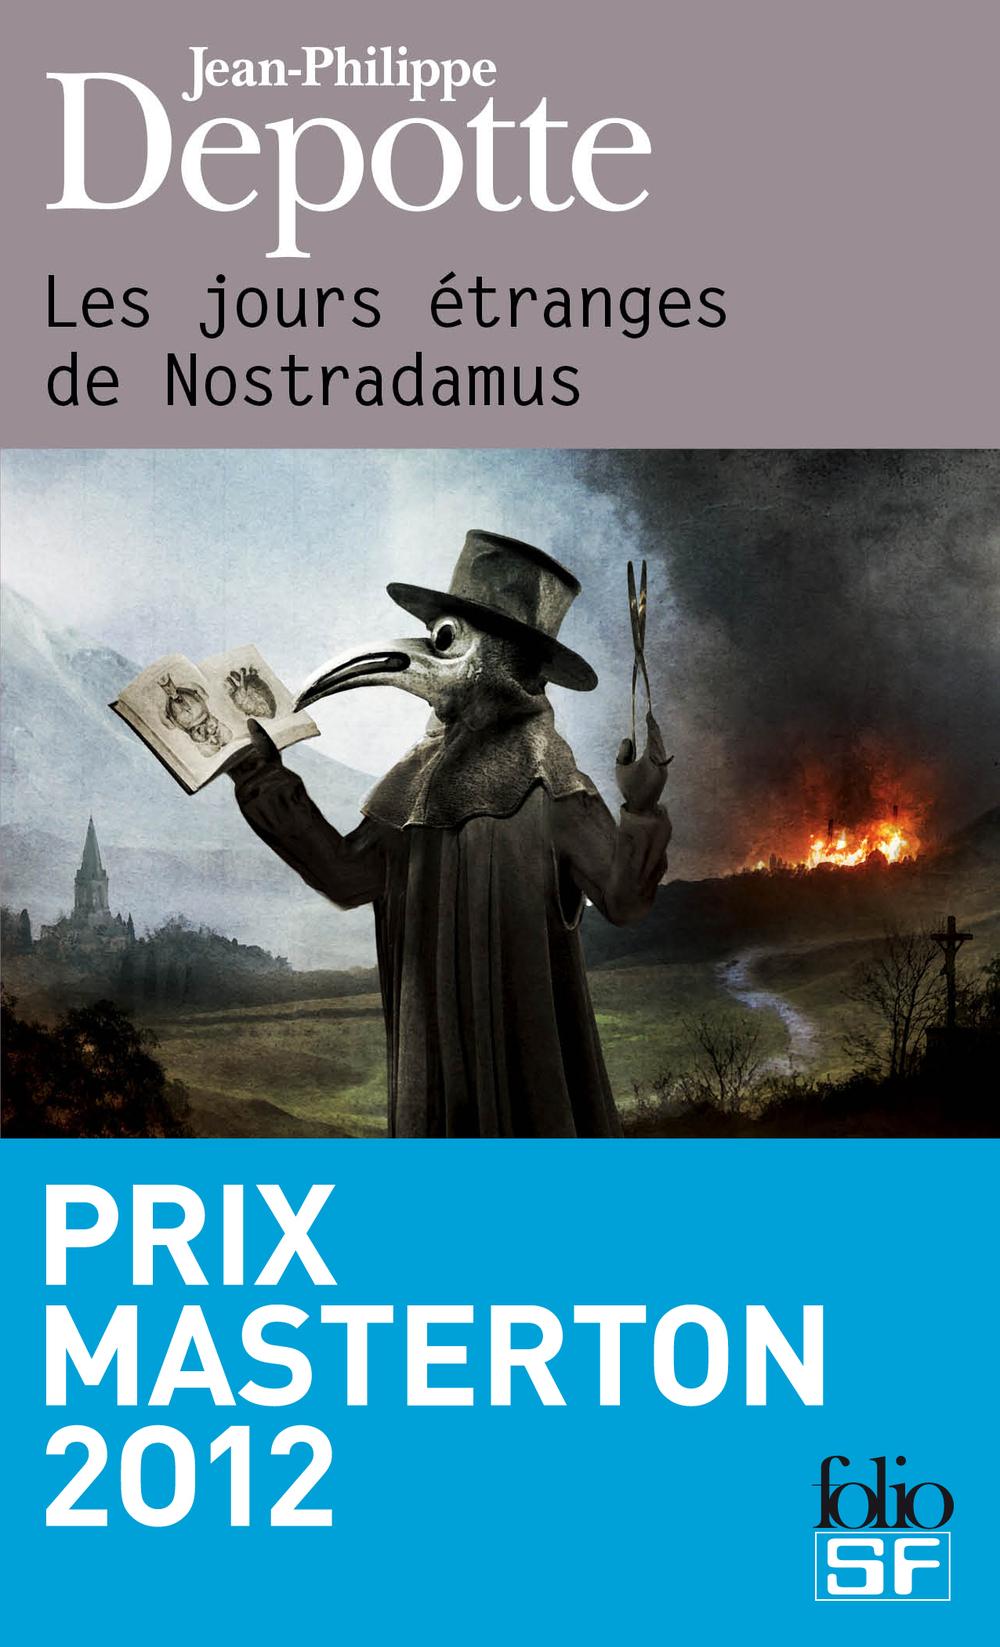 Les jours étranges de Nostradamus | Depotte, Jean-Philippe